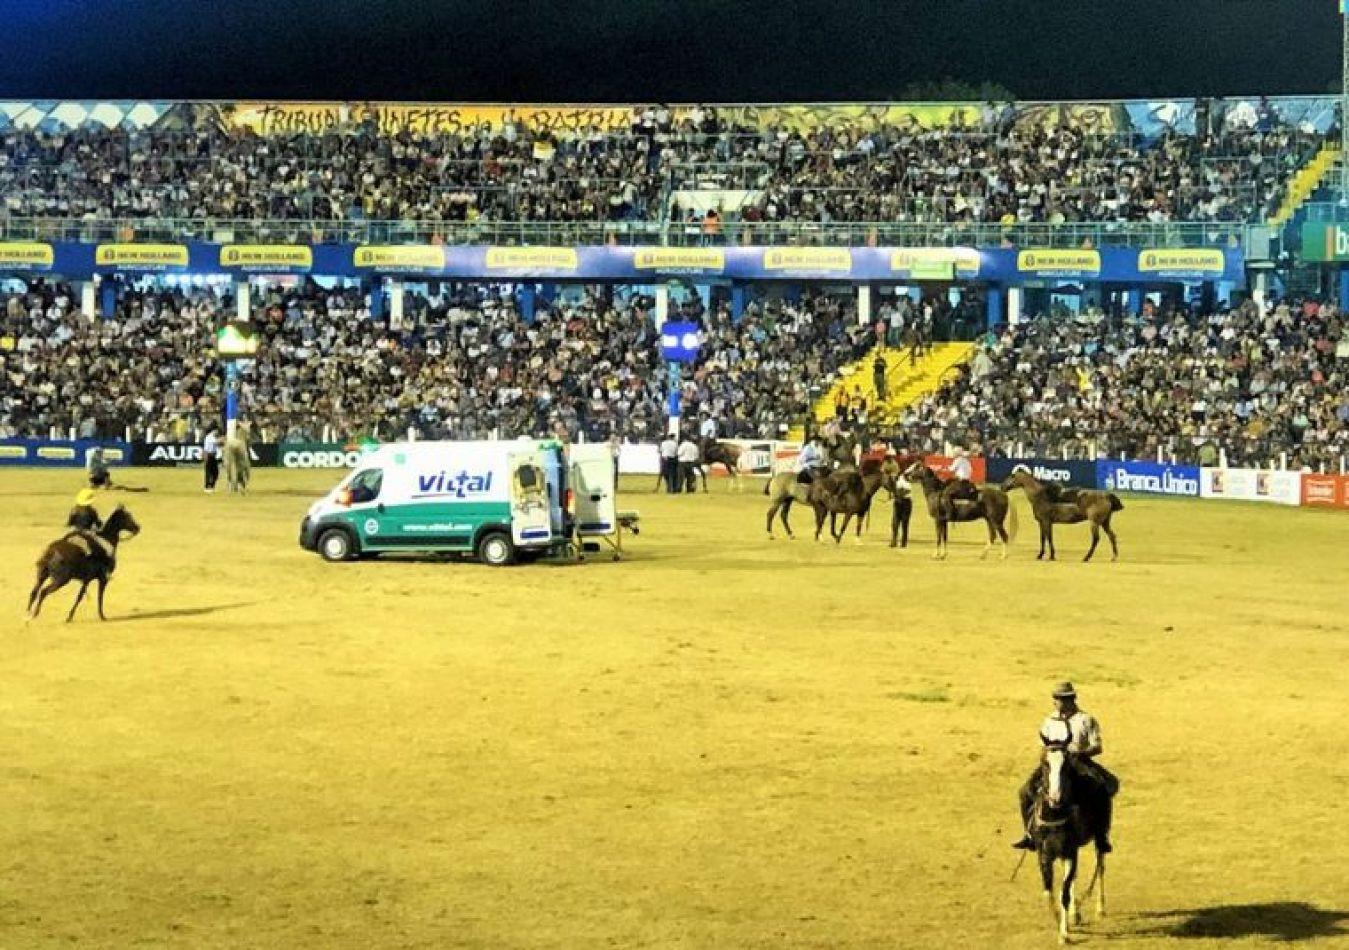 El accidente se produjo a las 21,50 de este lunes en el campo central de la doma del anfiteatro José Hernández.